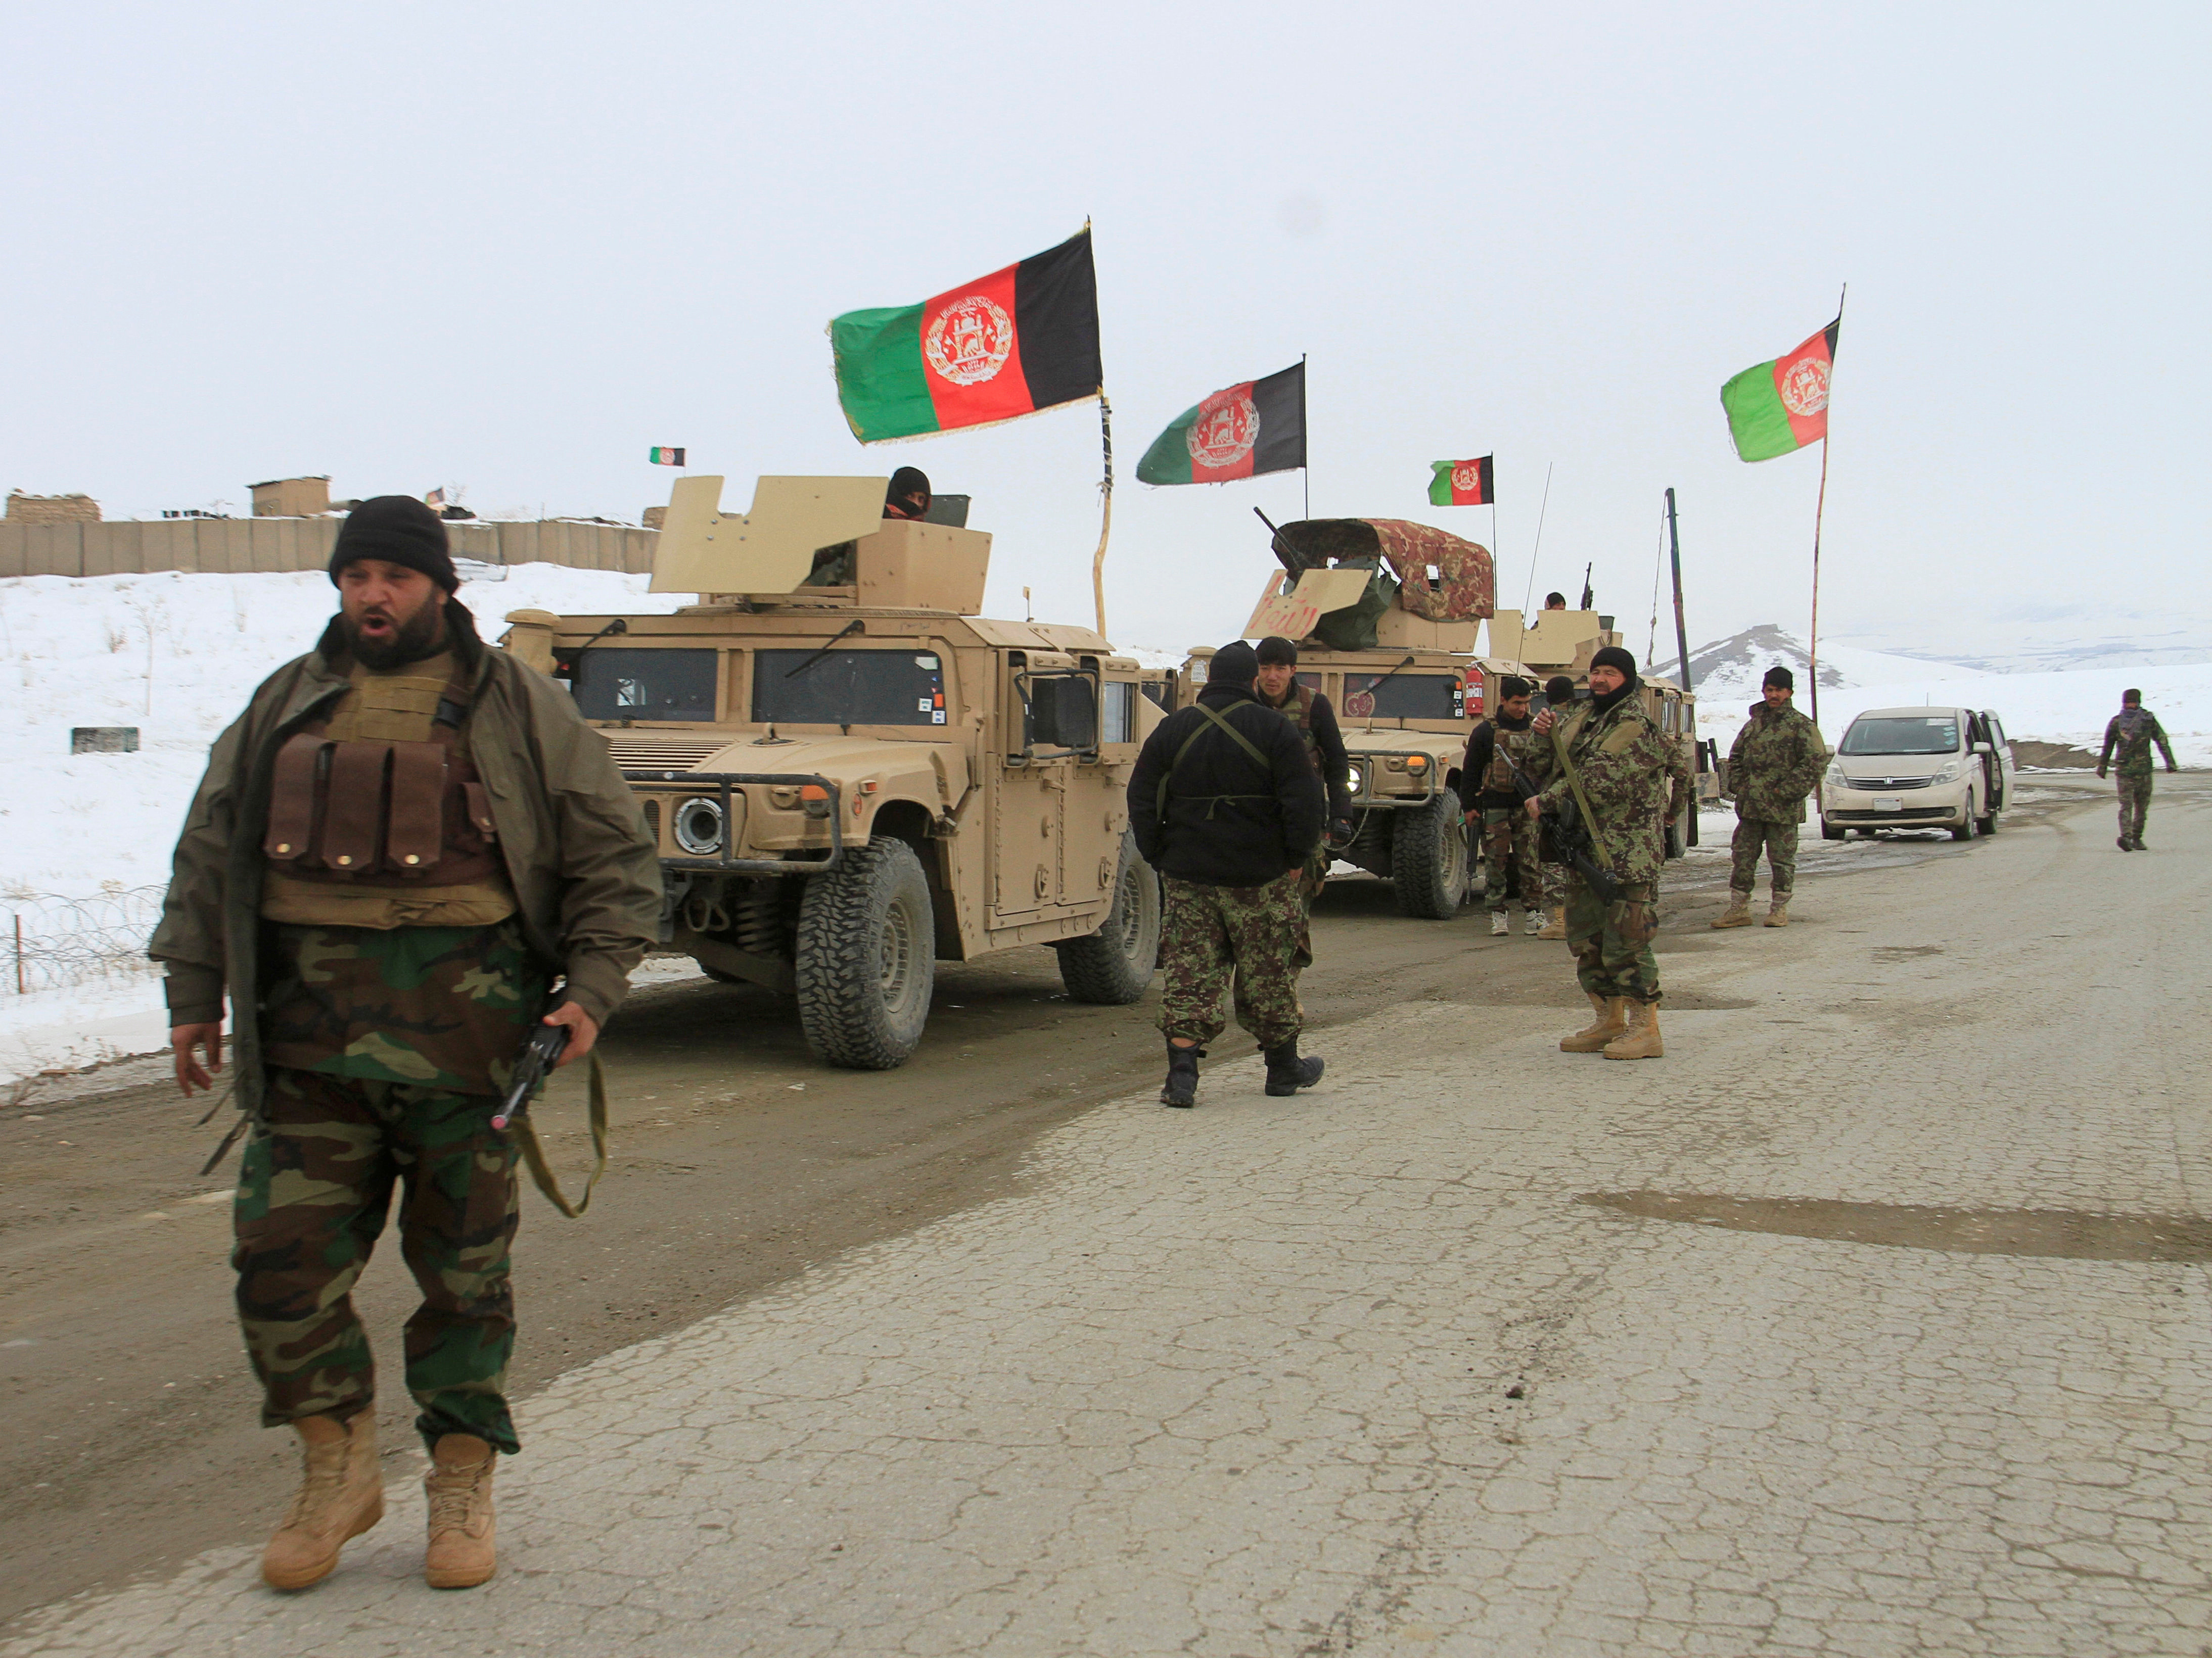 Обстановка афганистане сегодня на в военный политический